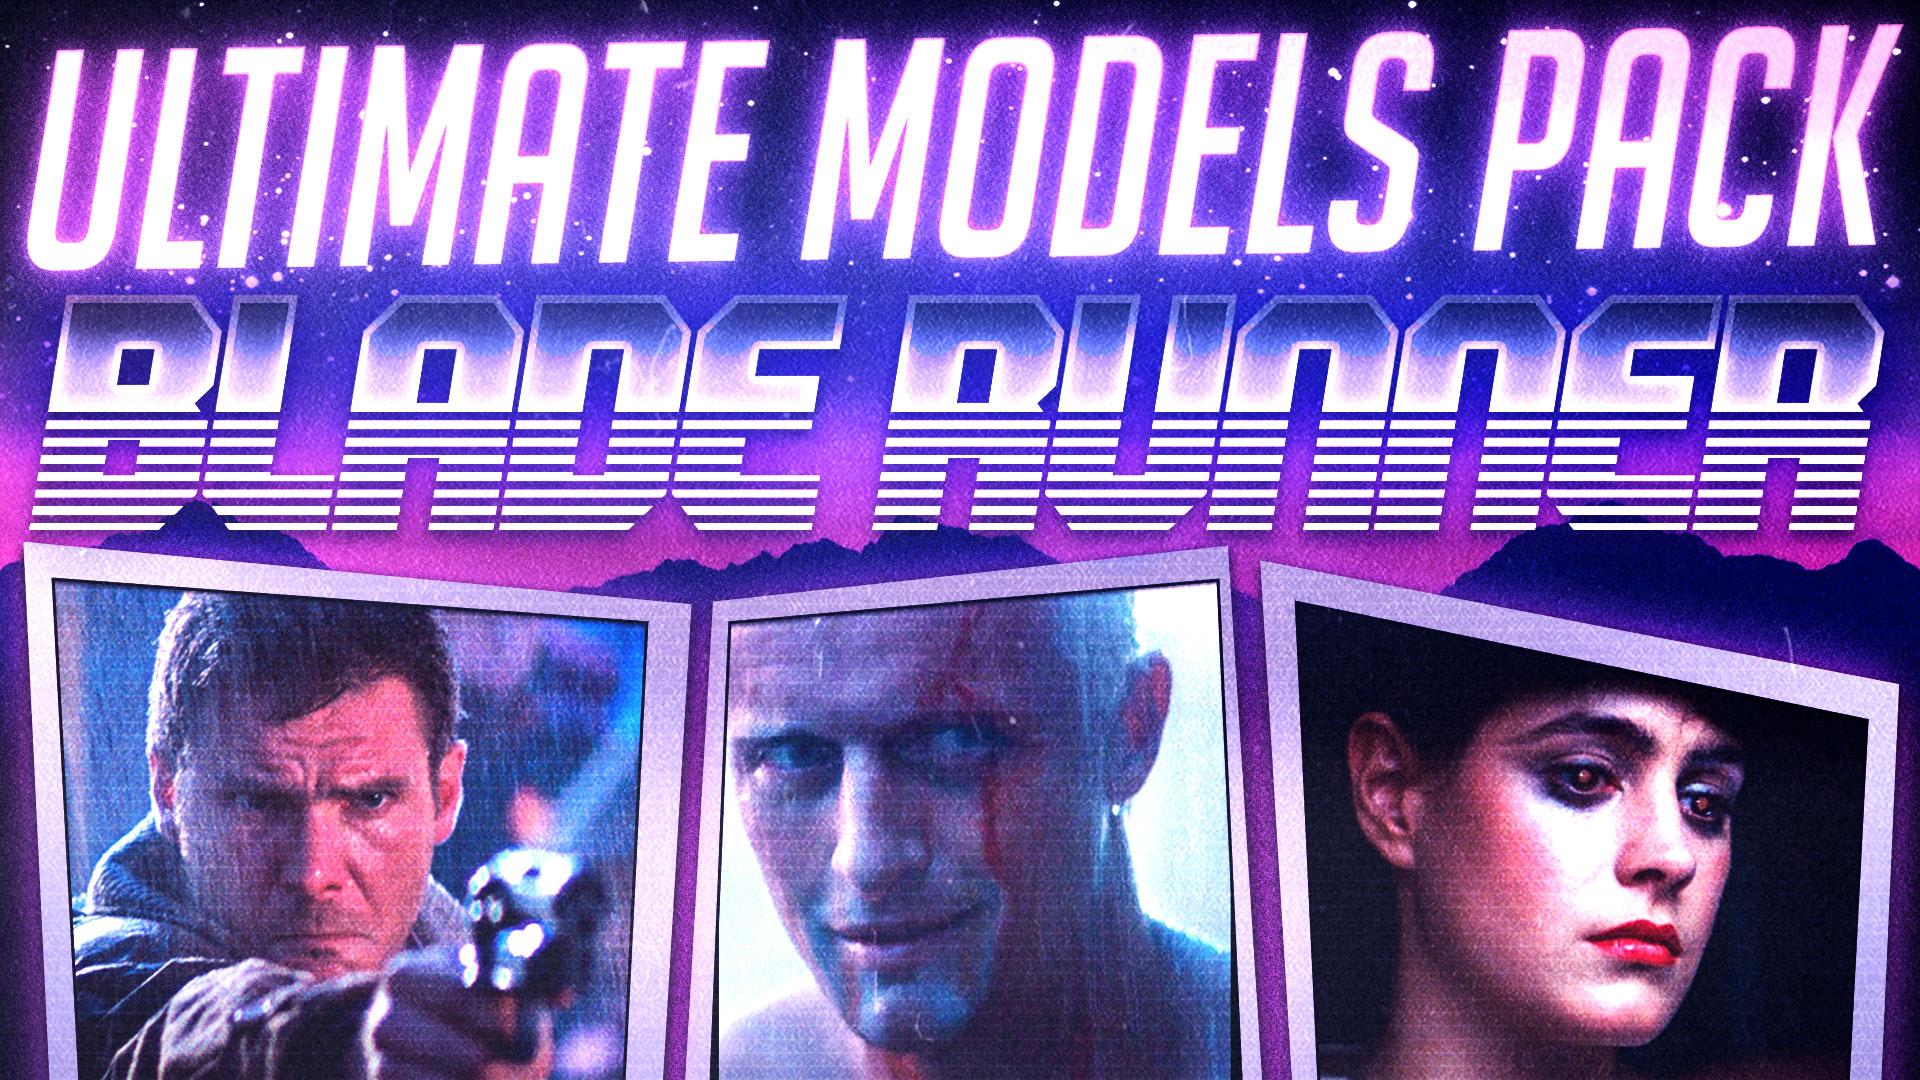 Blade Runner   Ultimate Models Pack